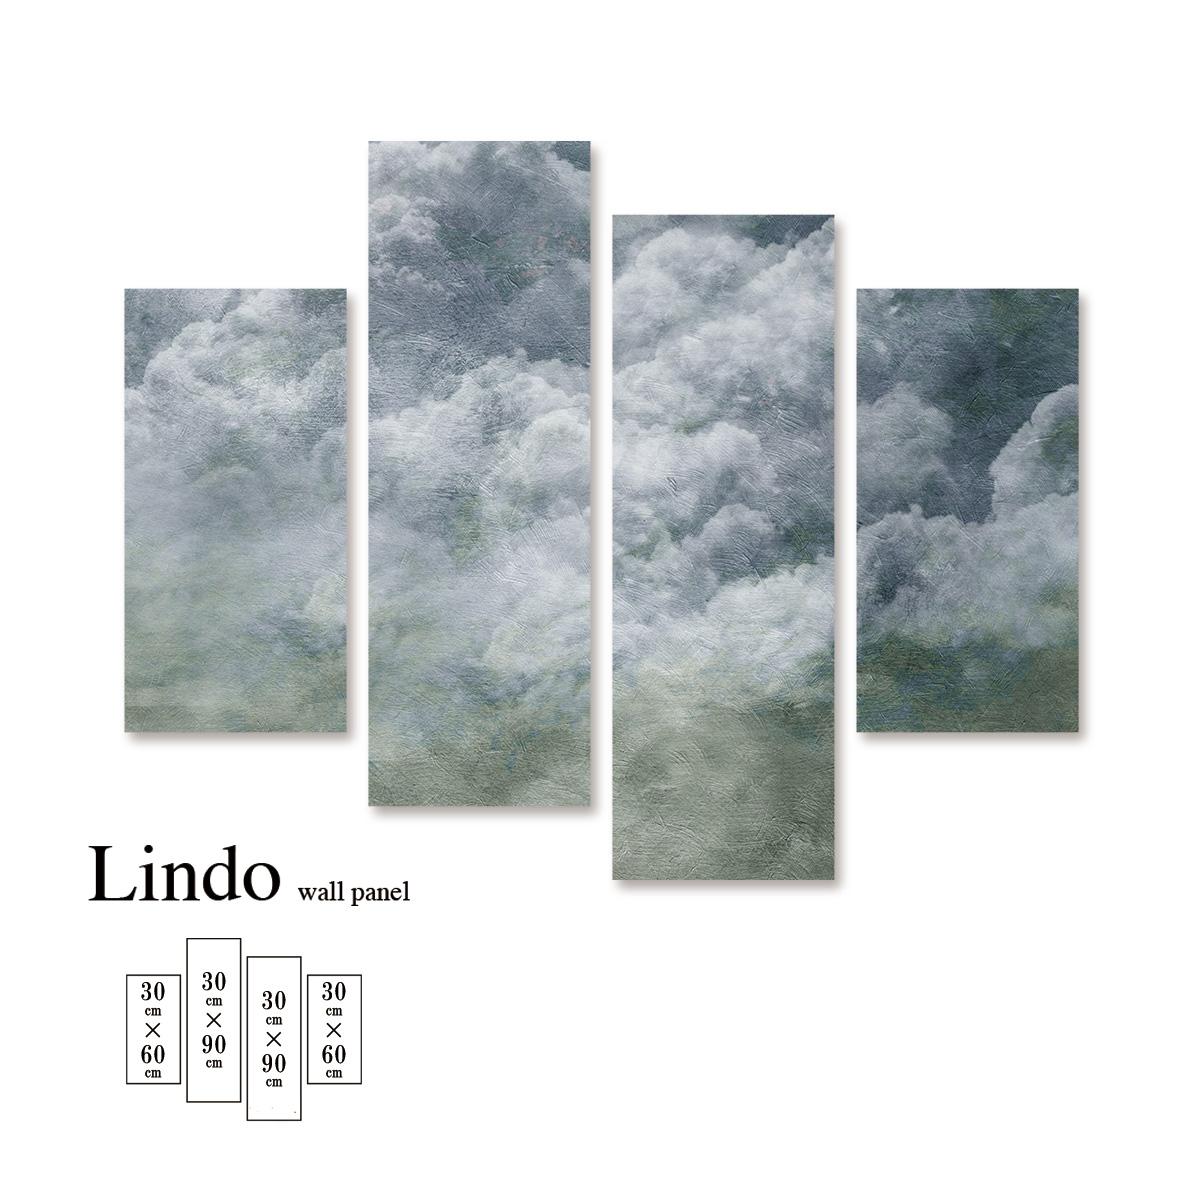 アートパネル 雲 シンプル 絵 風景 イラスト 淡い もくもく 壁掛け 北欧 お洒落 デザイン ファブリック 壁飾り アートボード 4枚パネル